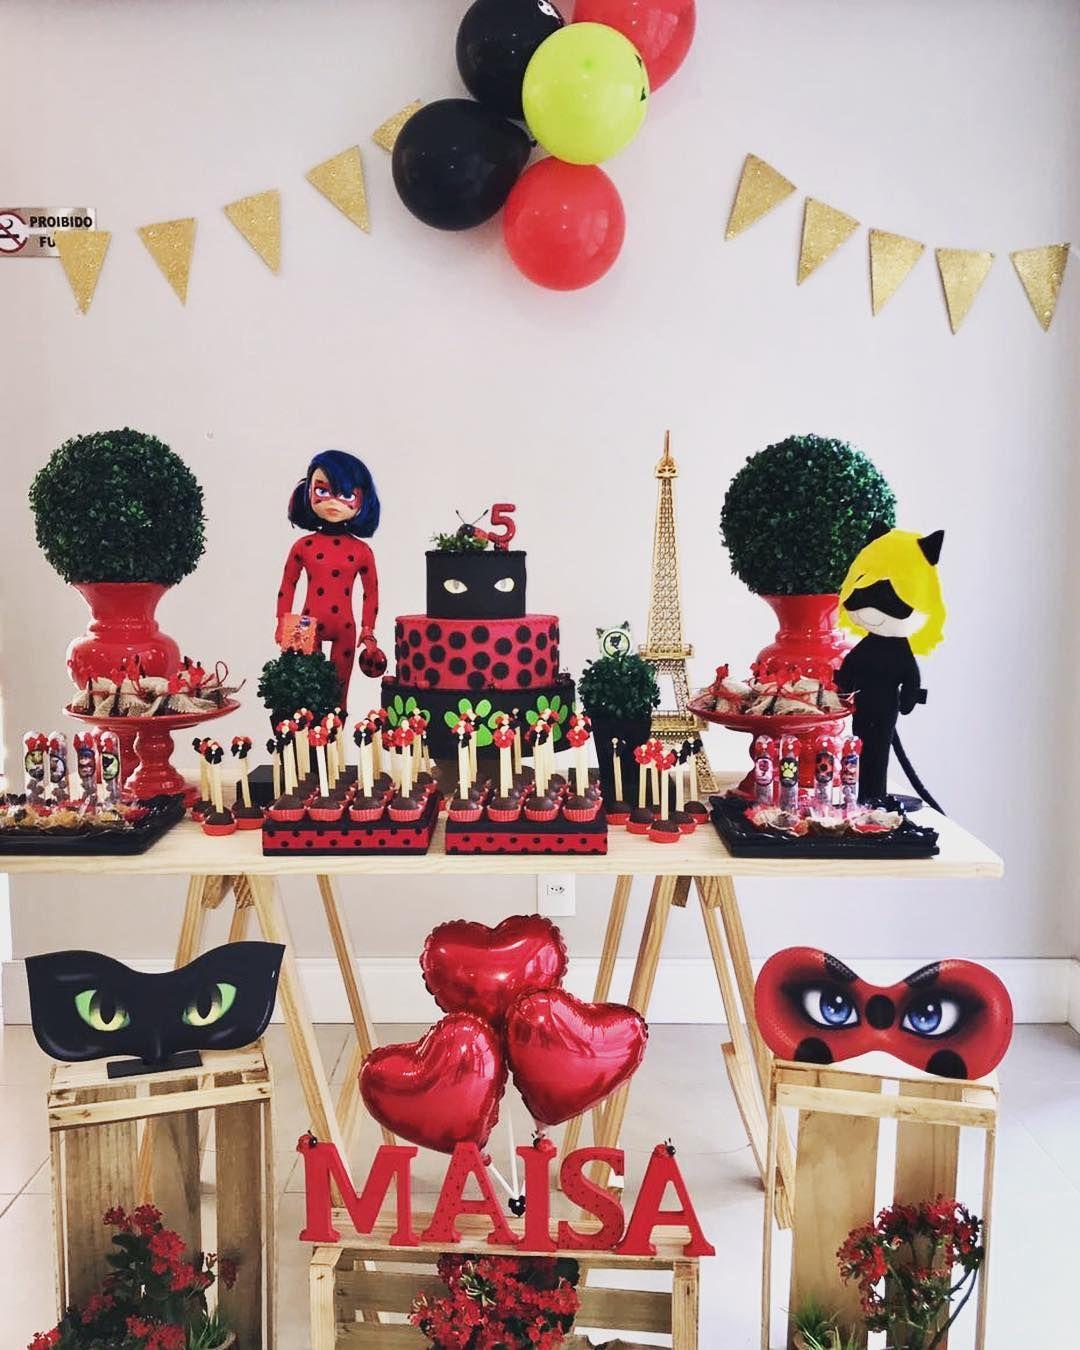 Festa ladybug simples